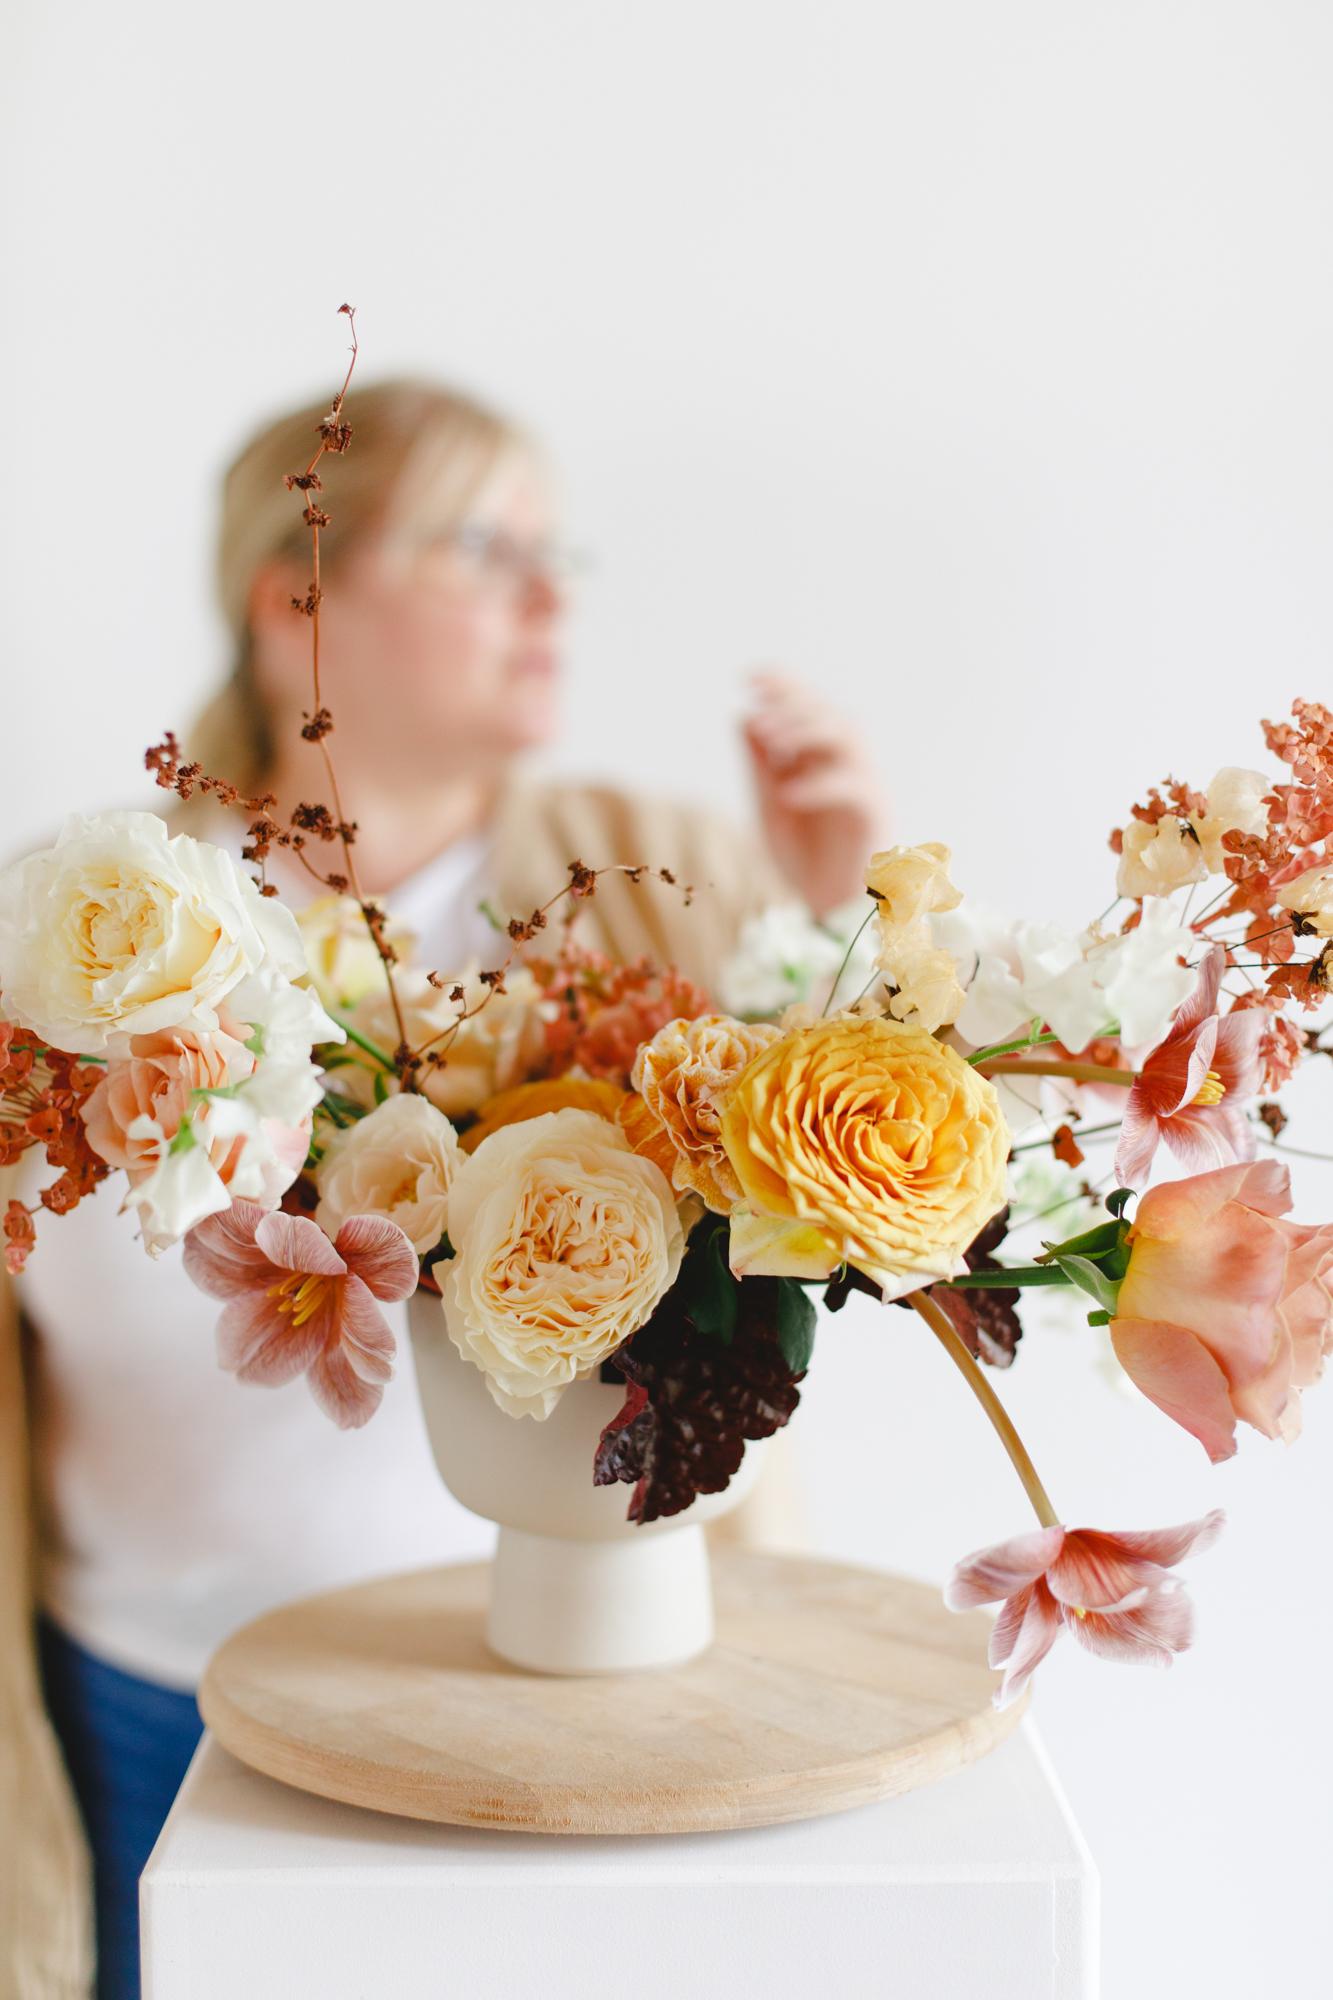 orkshop vip roses formation fleuriste